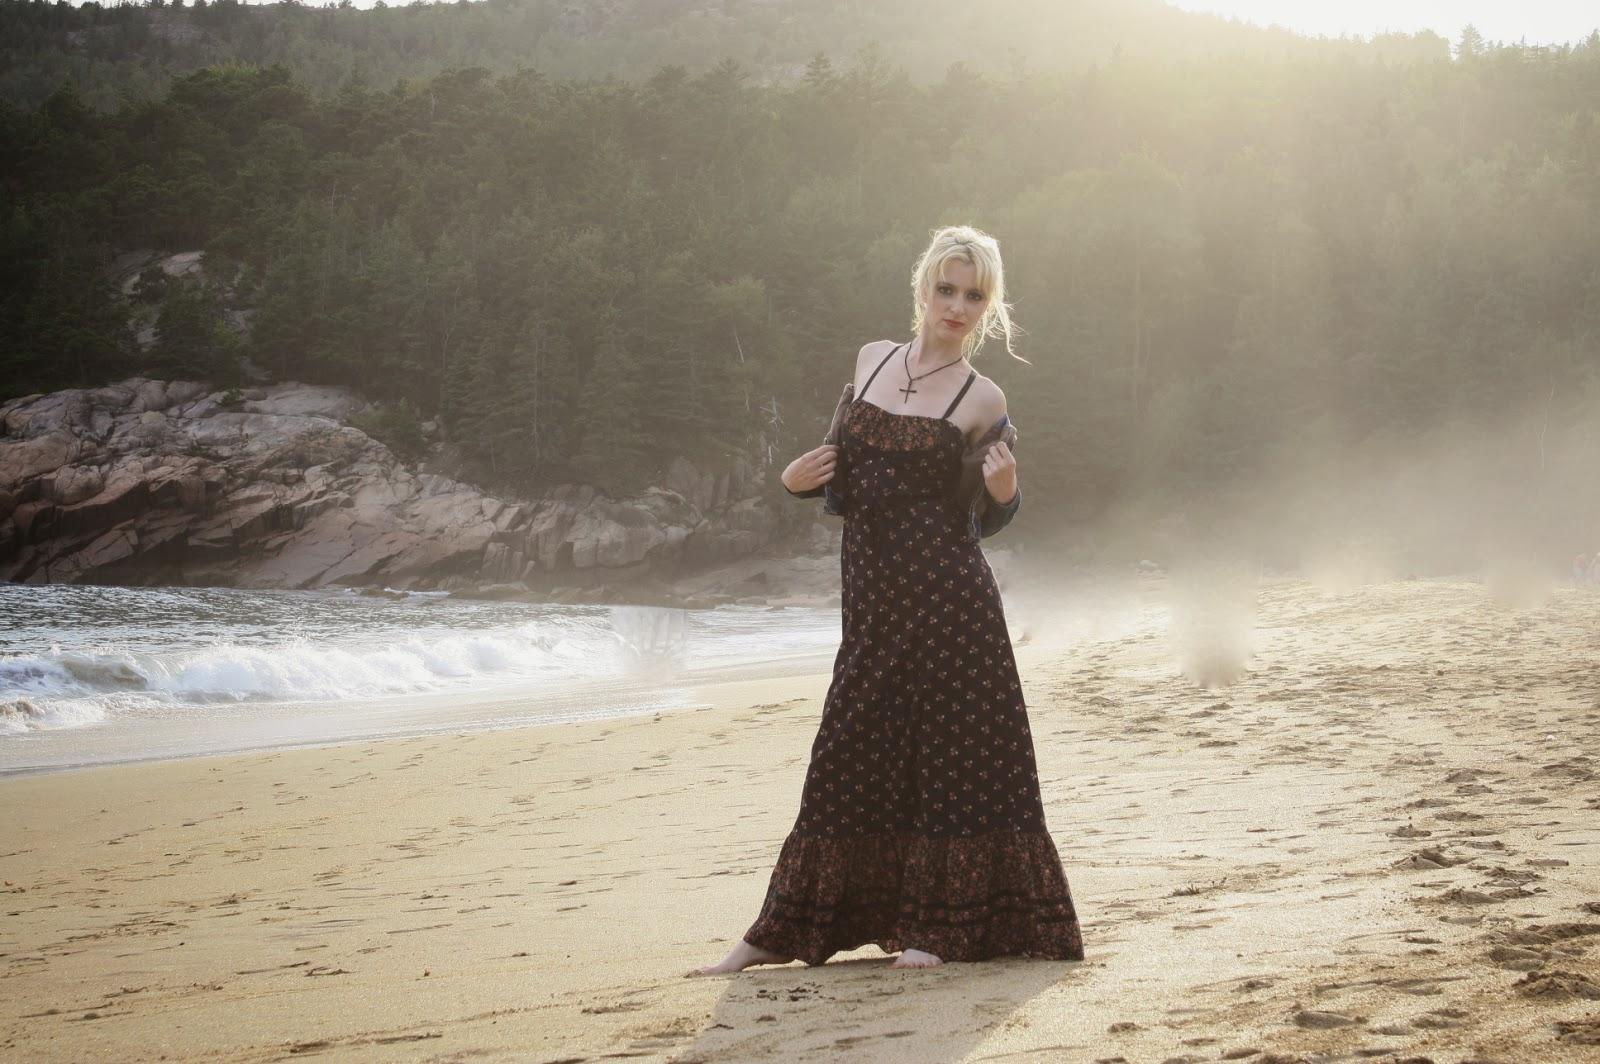 Boho sun dress on beach